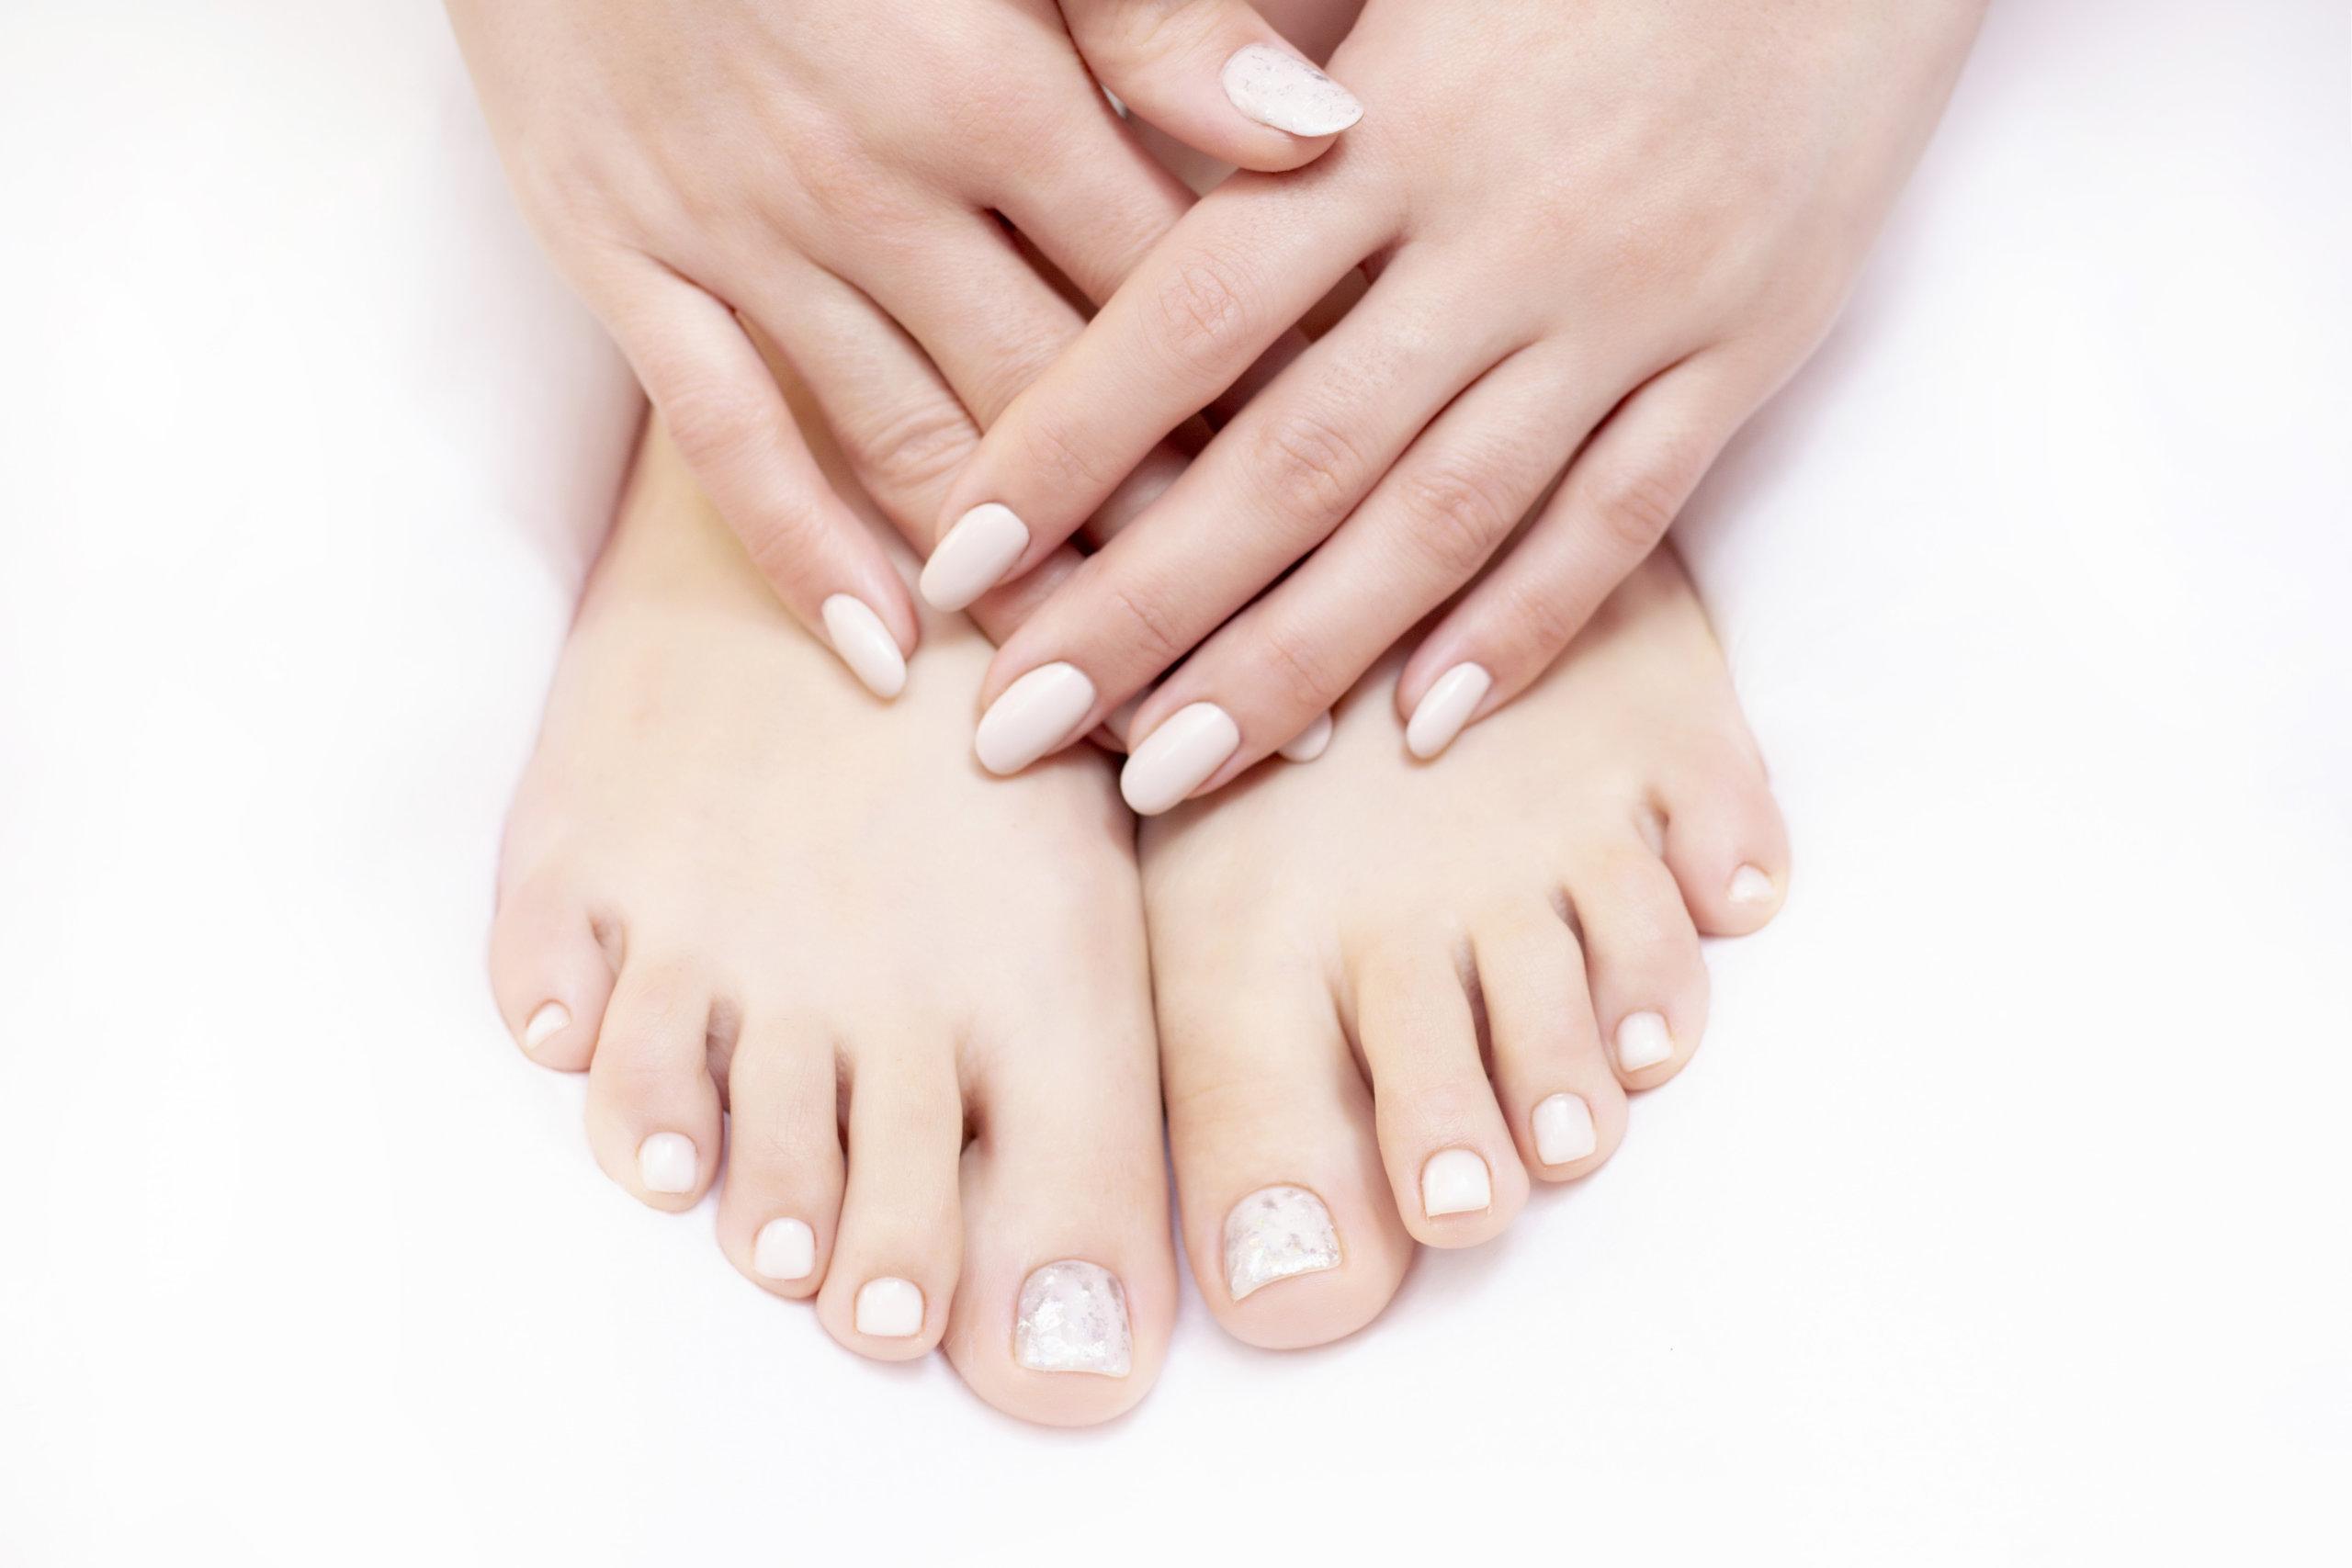 Manicure & Pedicure 1